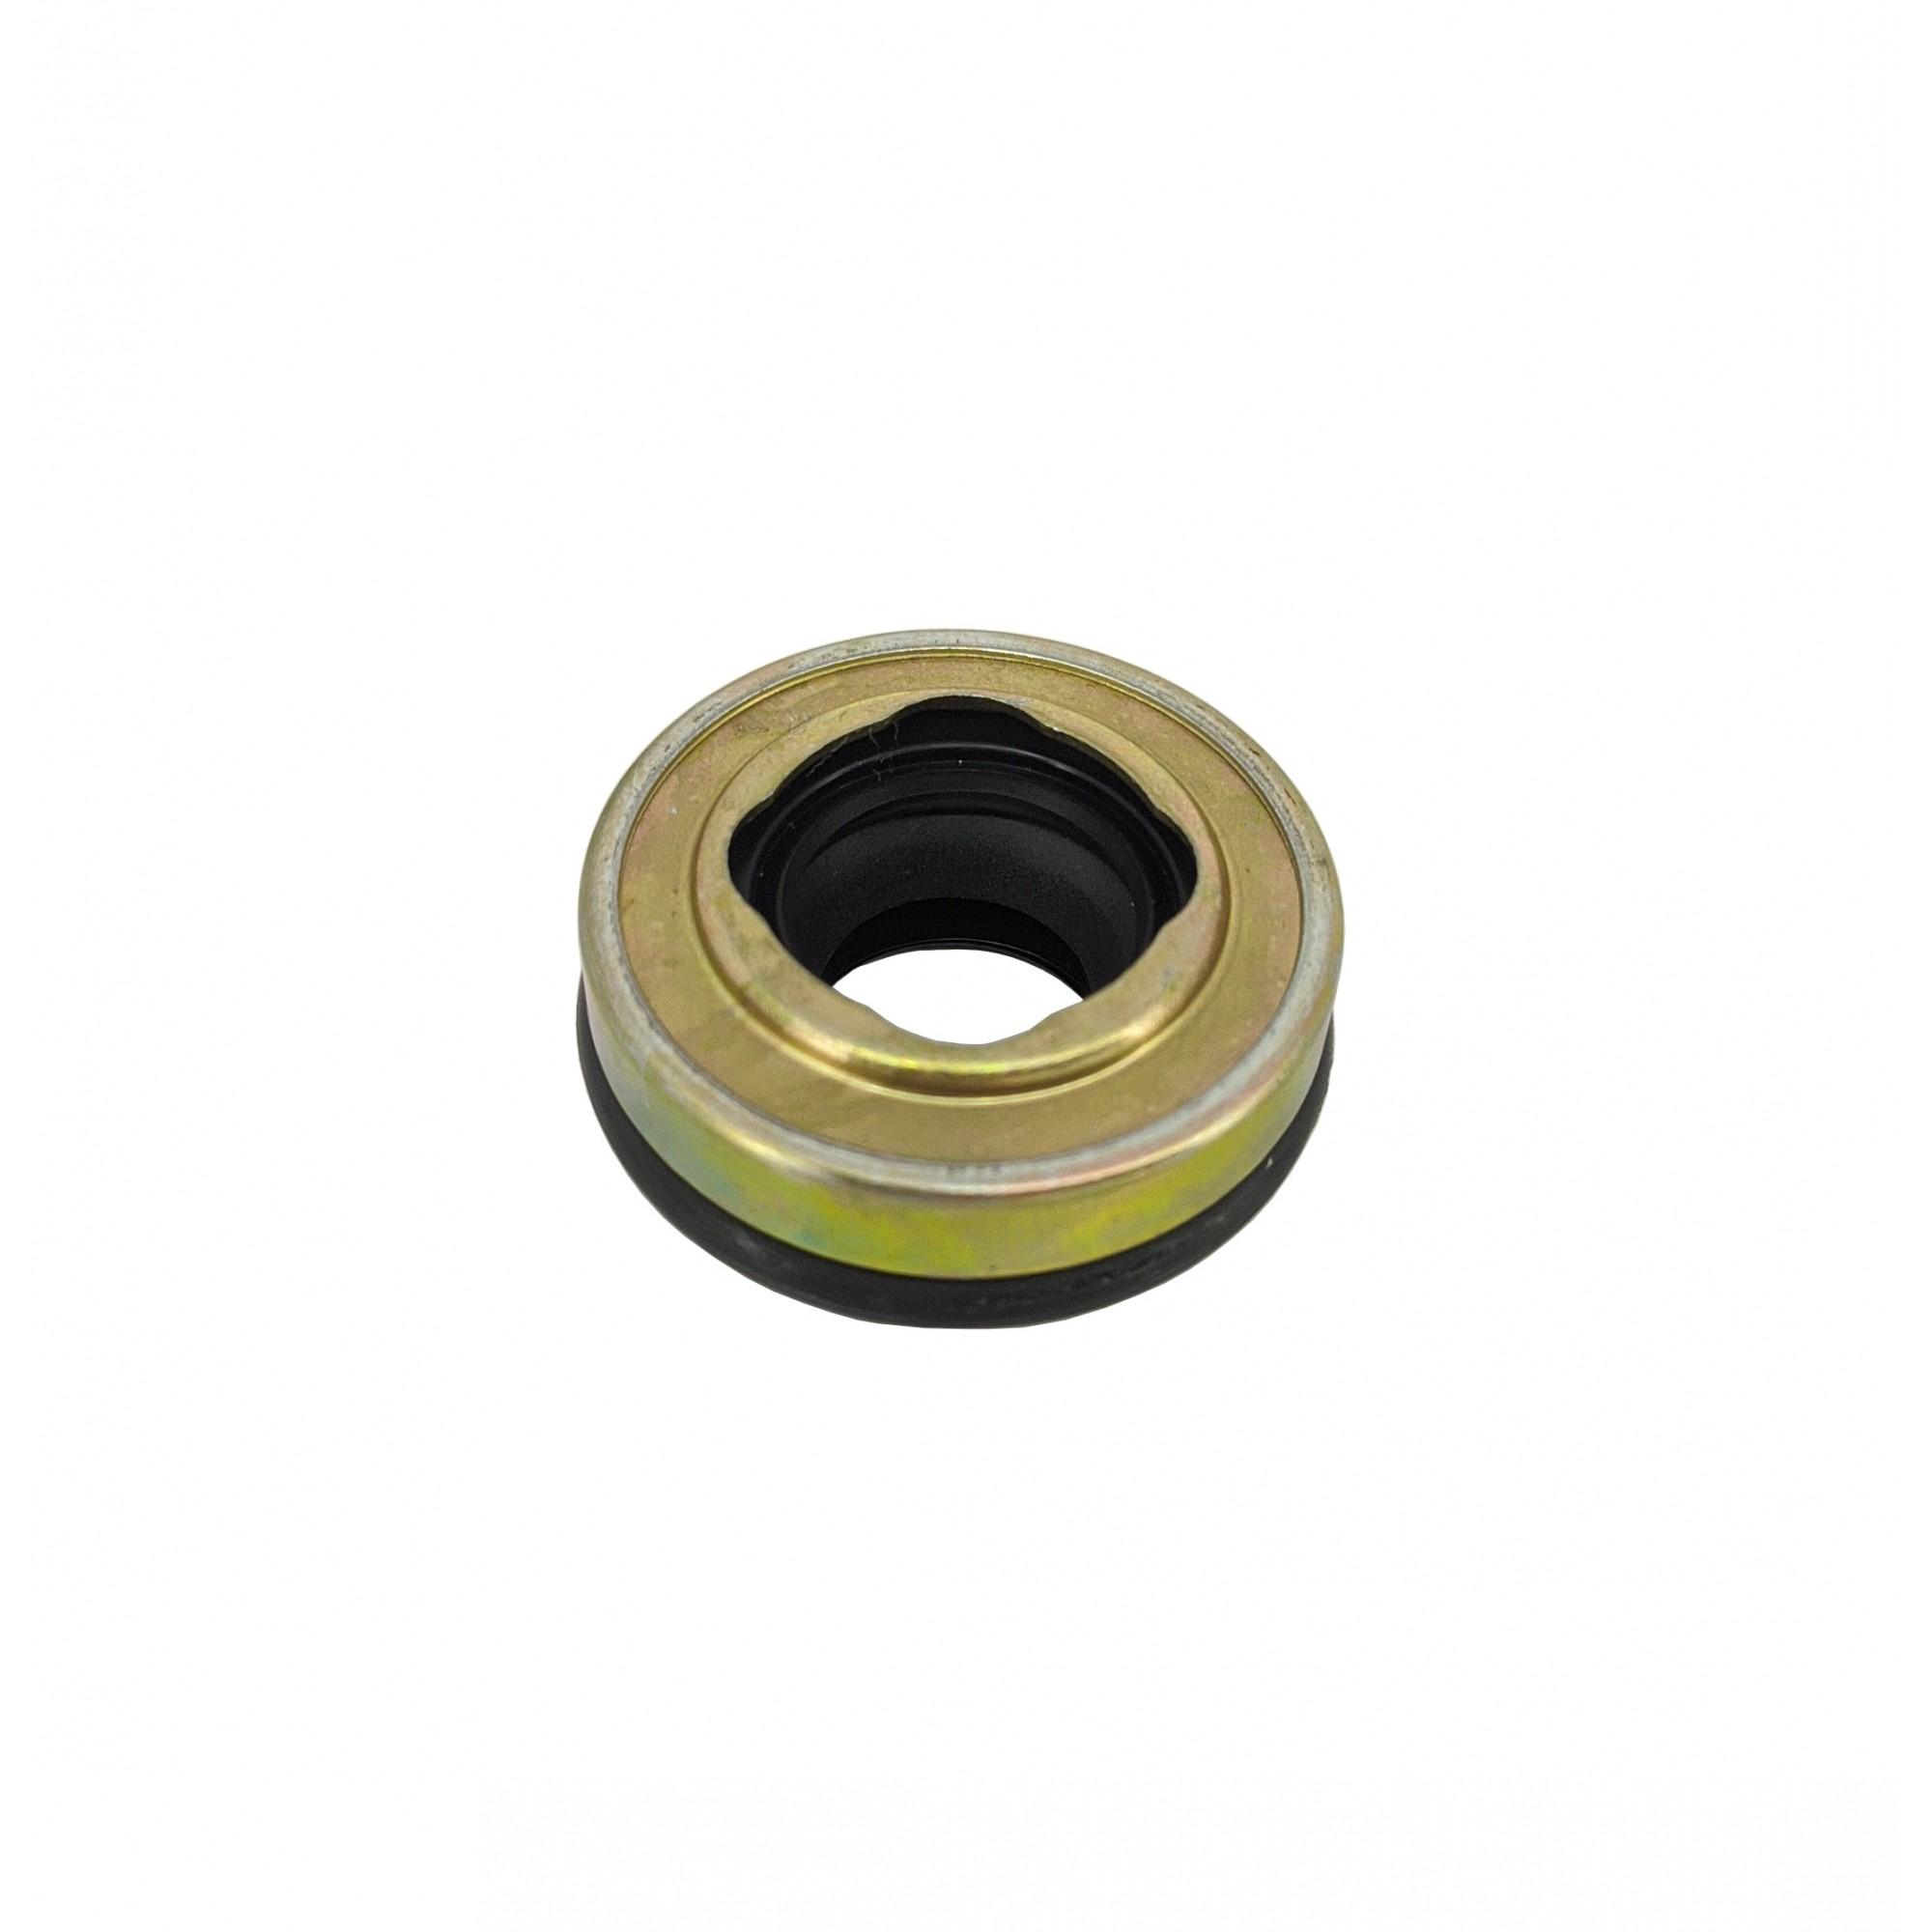 Selo Compressor Denso Lip Seal